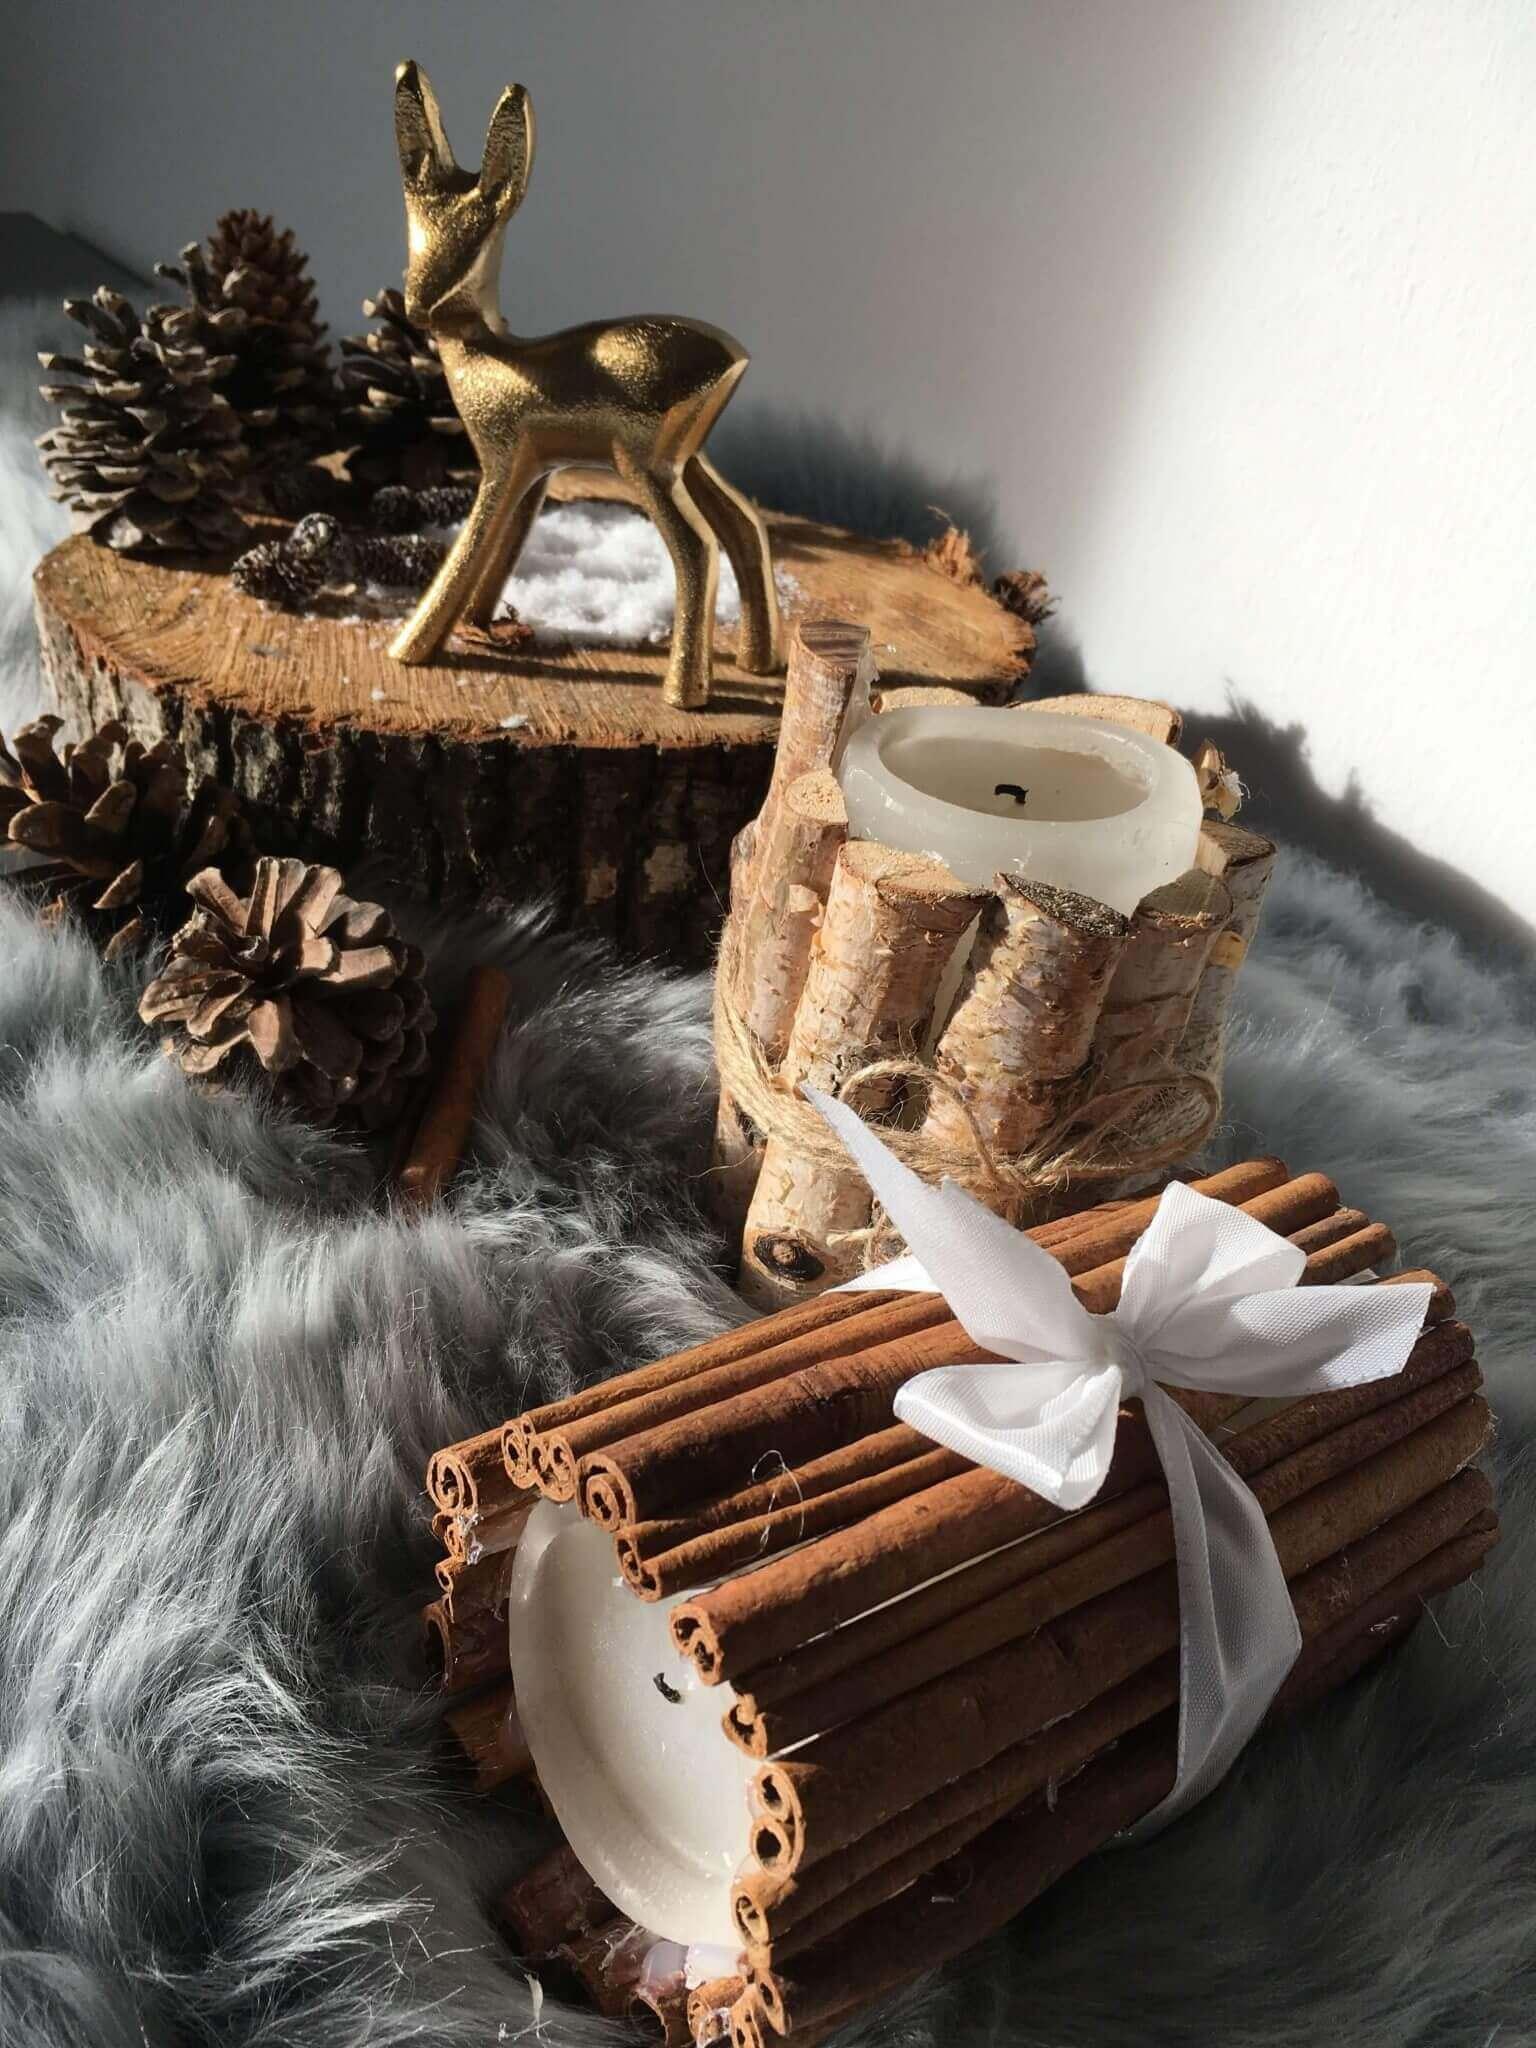 IMG 2328 1 e1541106410305 - Es ist Zeit für Schmuck und Deko - Weil Weihnachten ist